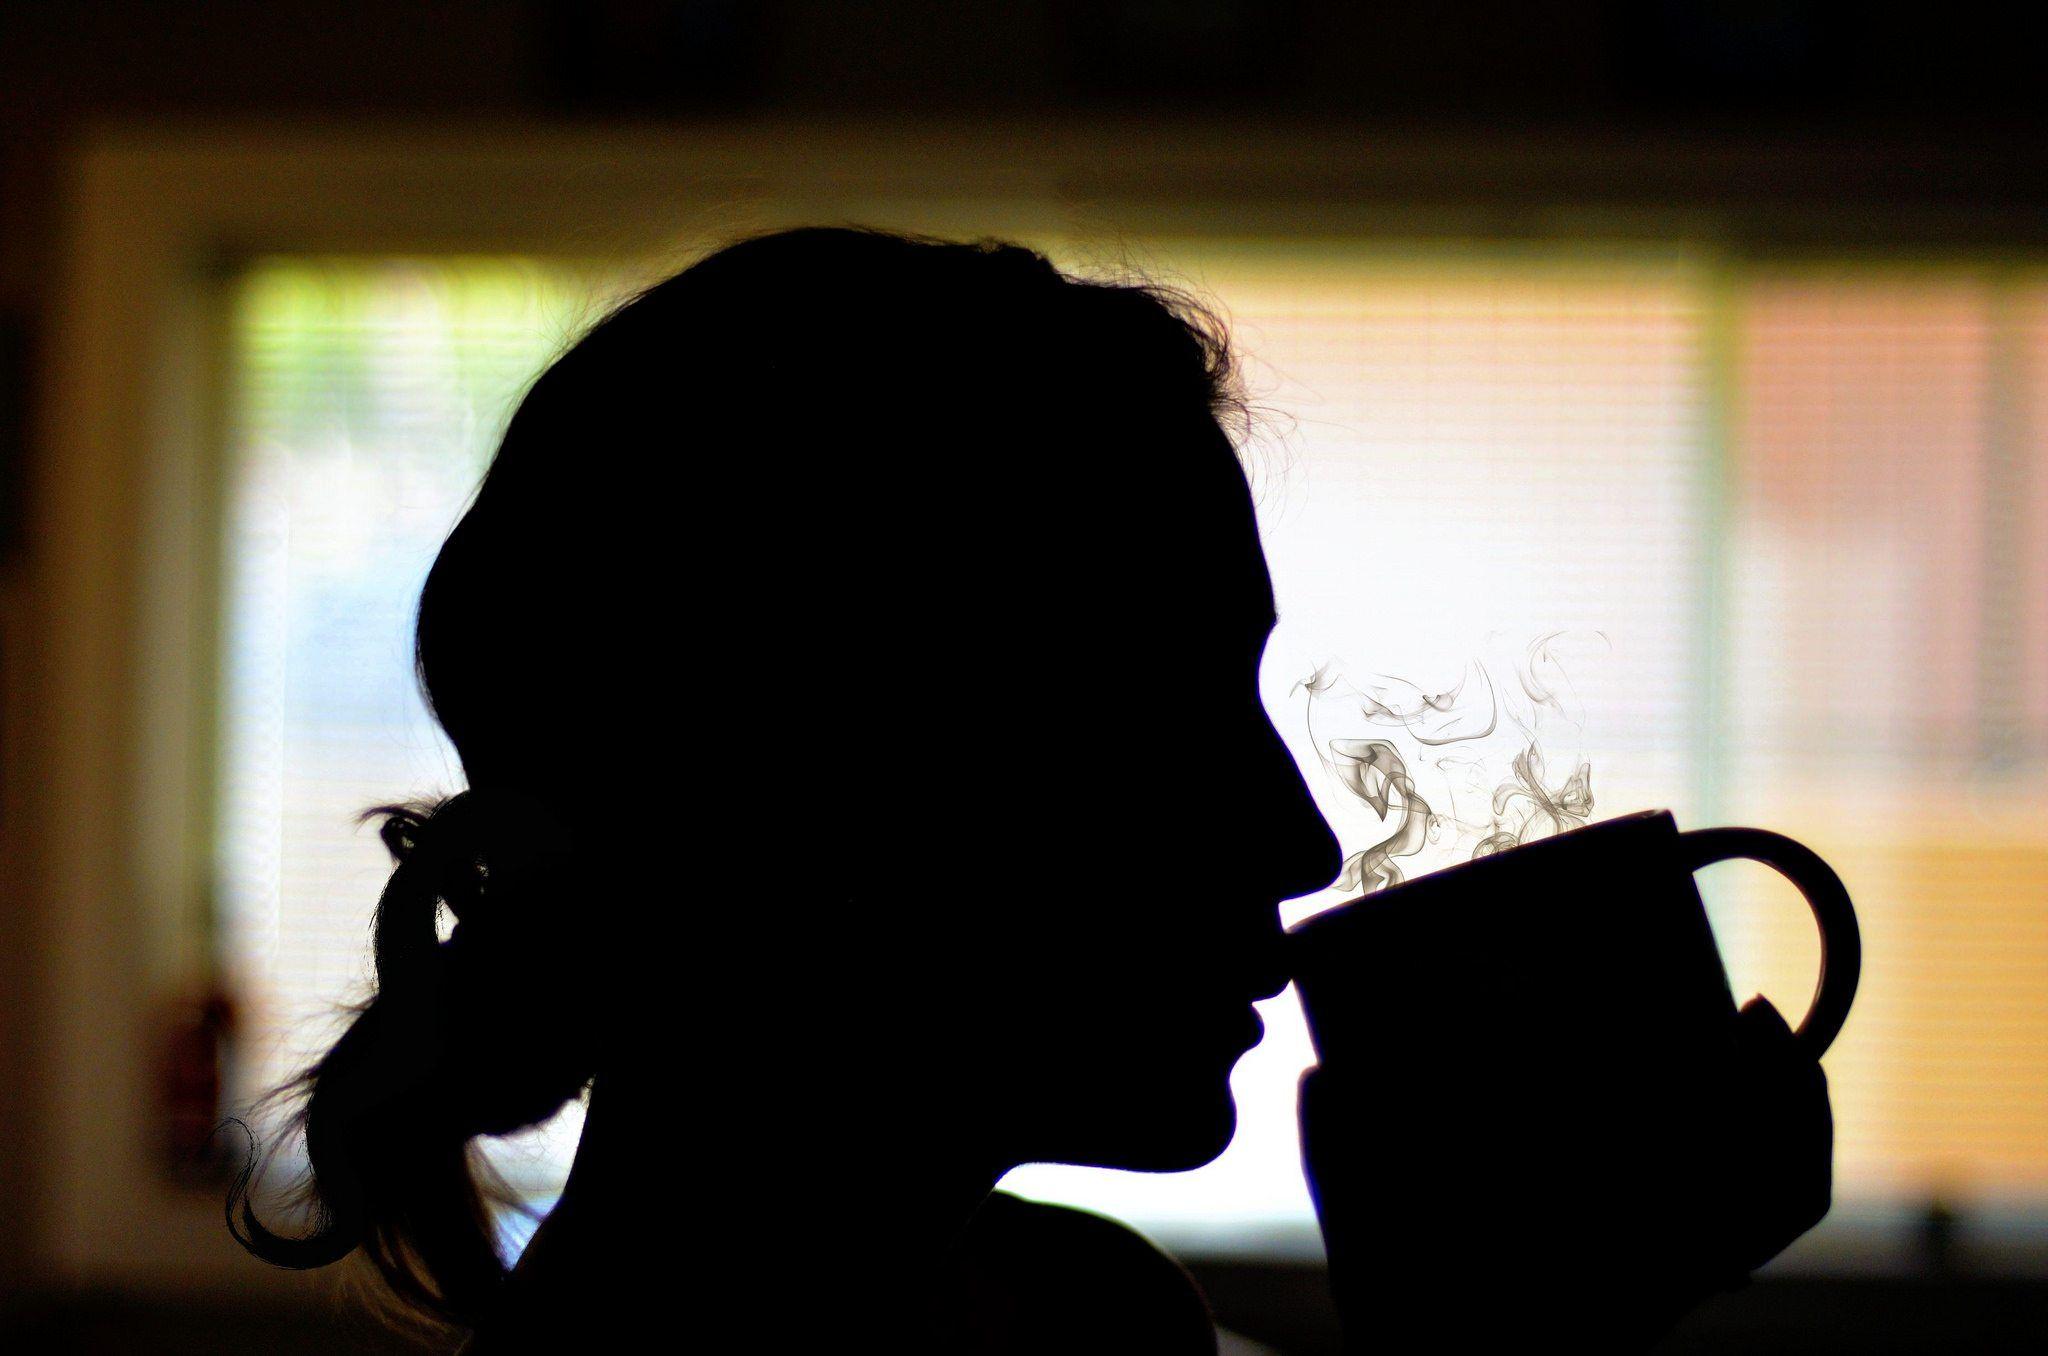 Nanoscent håper å lansere en elektronisk nese til mobiltelefoner i løpet av året. (Foto: Flickr/CC)